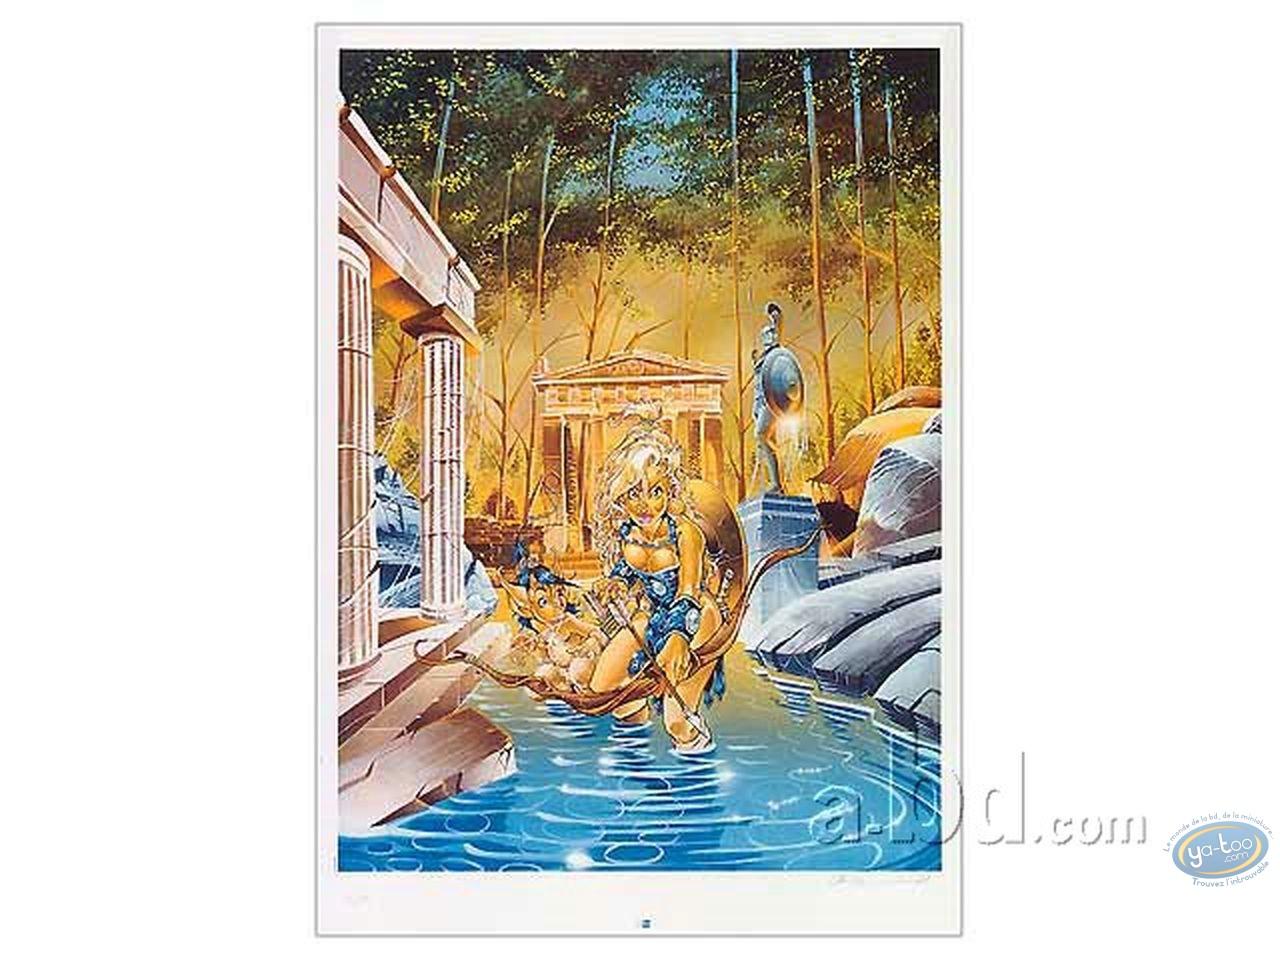 Affiche Offset, Atalante : Crisse, Atalante s'avancant dans l'eau